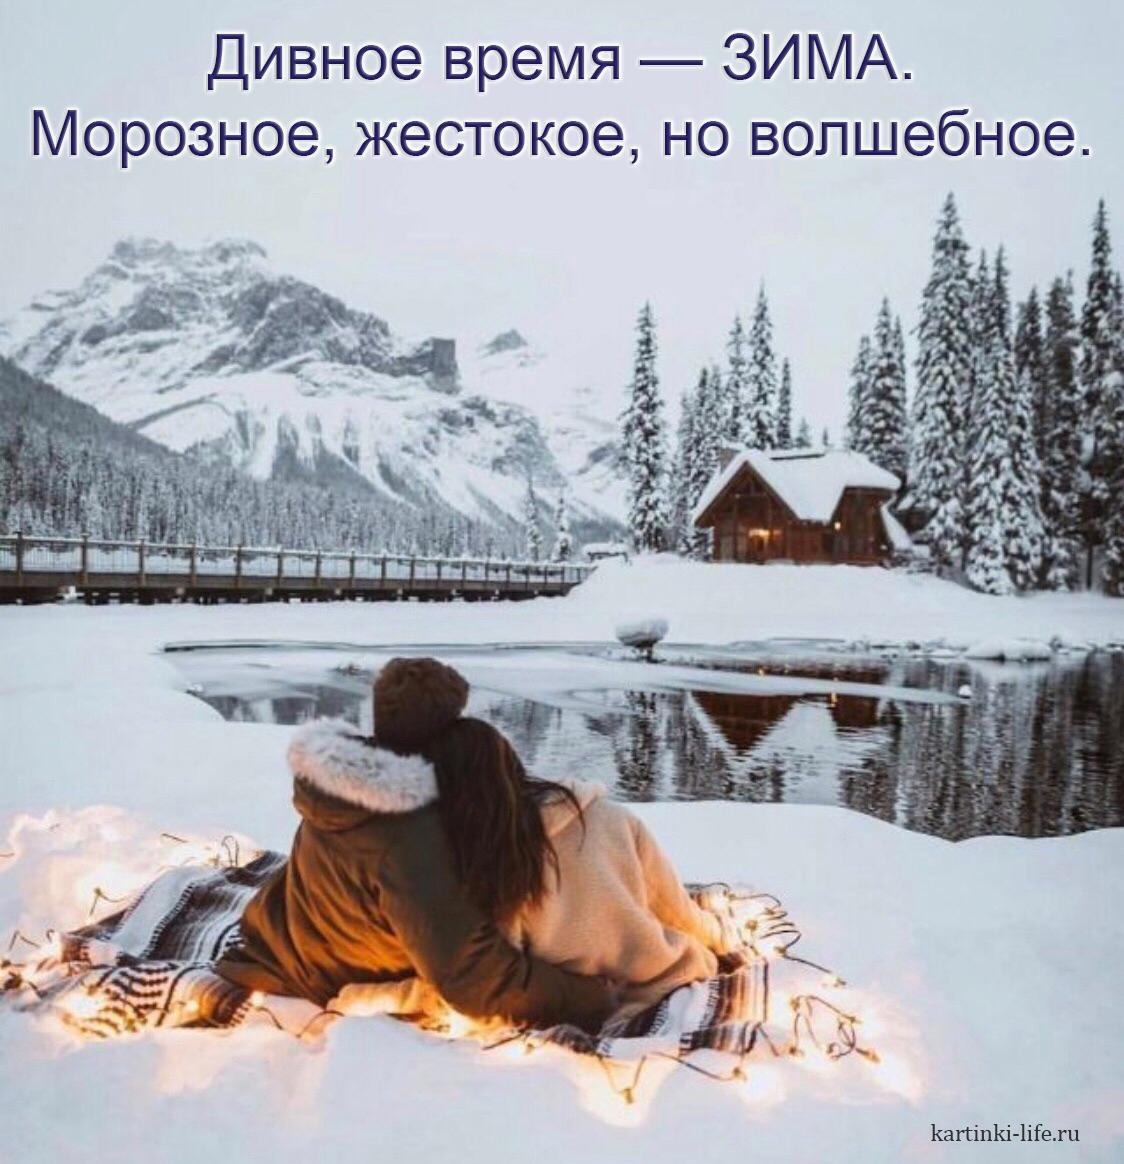 Дивное время — зима. Морозное, жестокое, но волшебное.